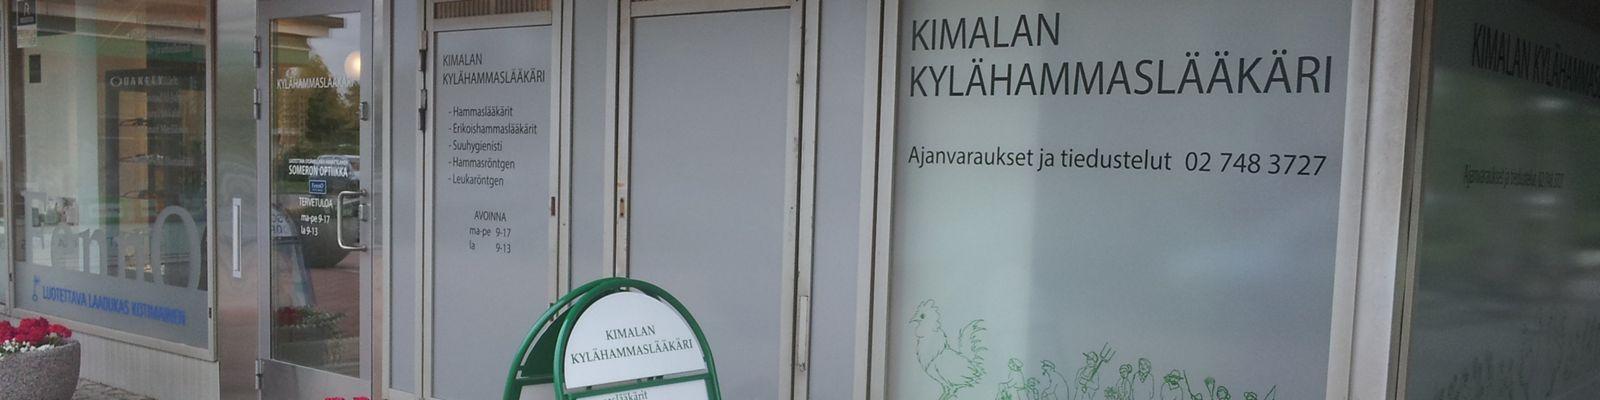 Kimalan Kylähammaslääkäri